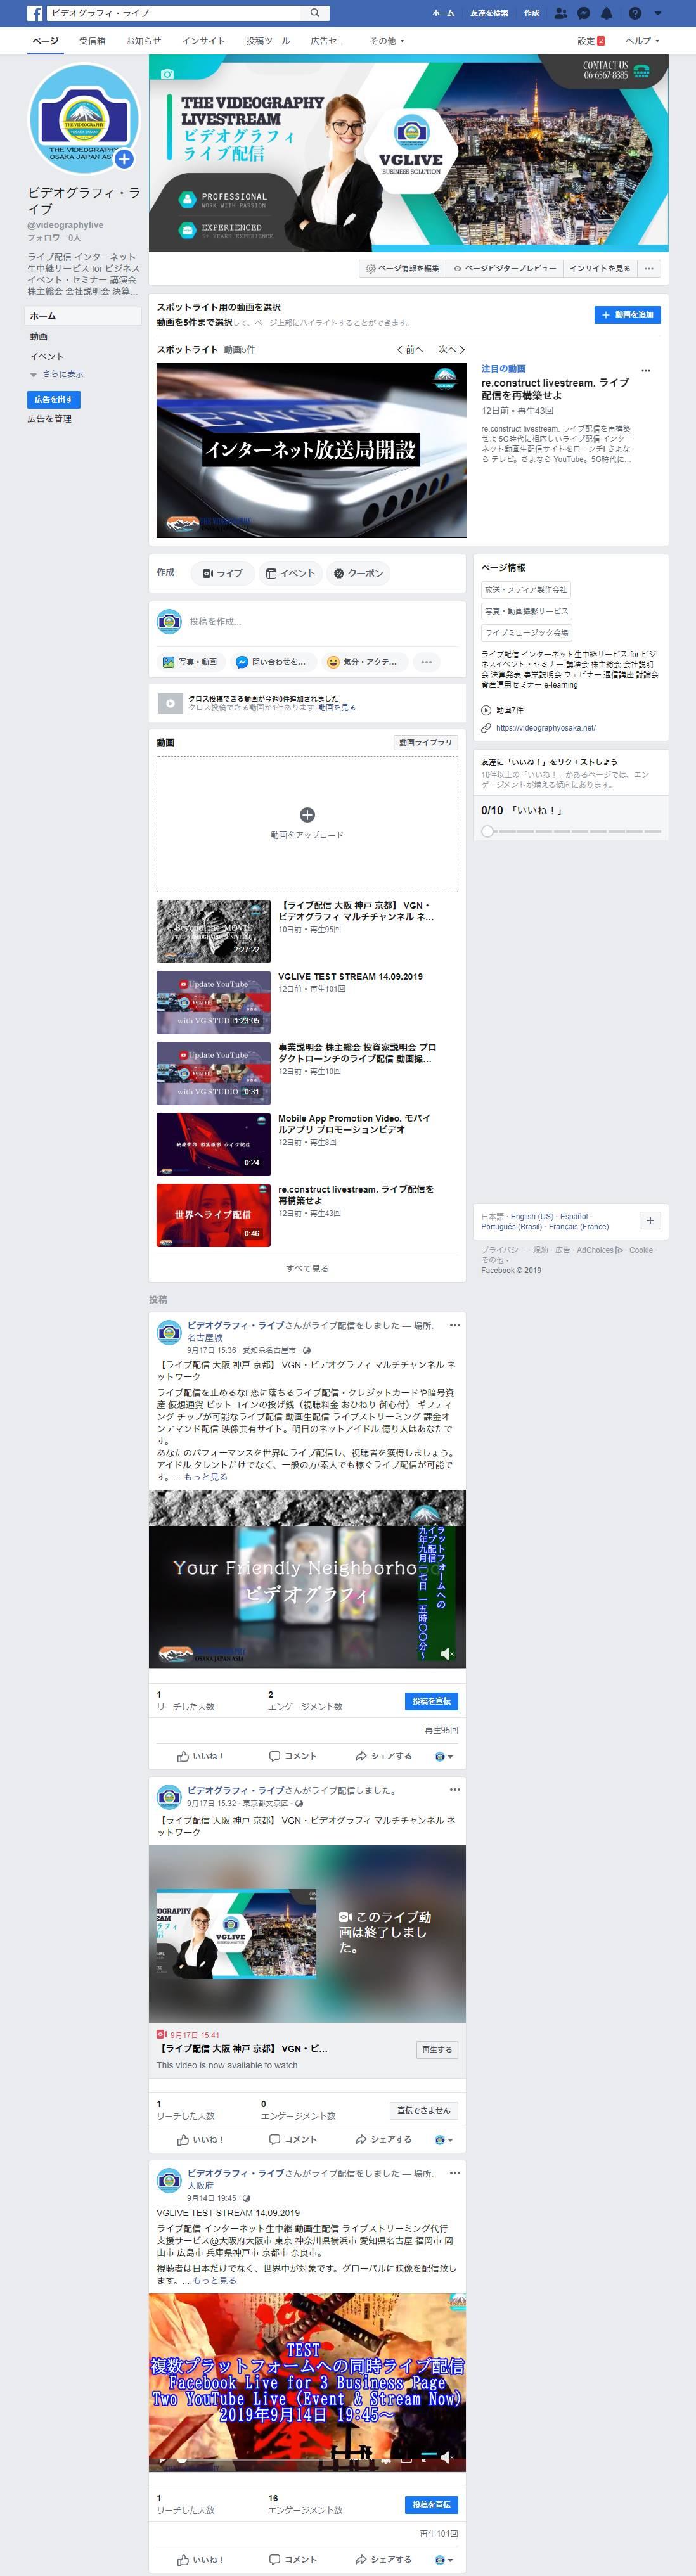 大阪 神戸 京都でのオンデマンド配信プラットフォームはビデオグラフィライブ VGLIVEへ。課金制の動画配信 リアルタイム・ライブ配信 ストリーミング動画販売プラット構築 月額課金 会員制ウェブサイト作成サービス